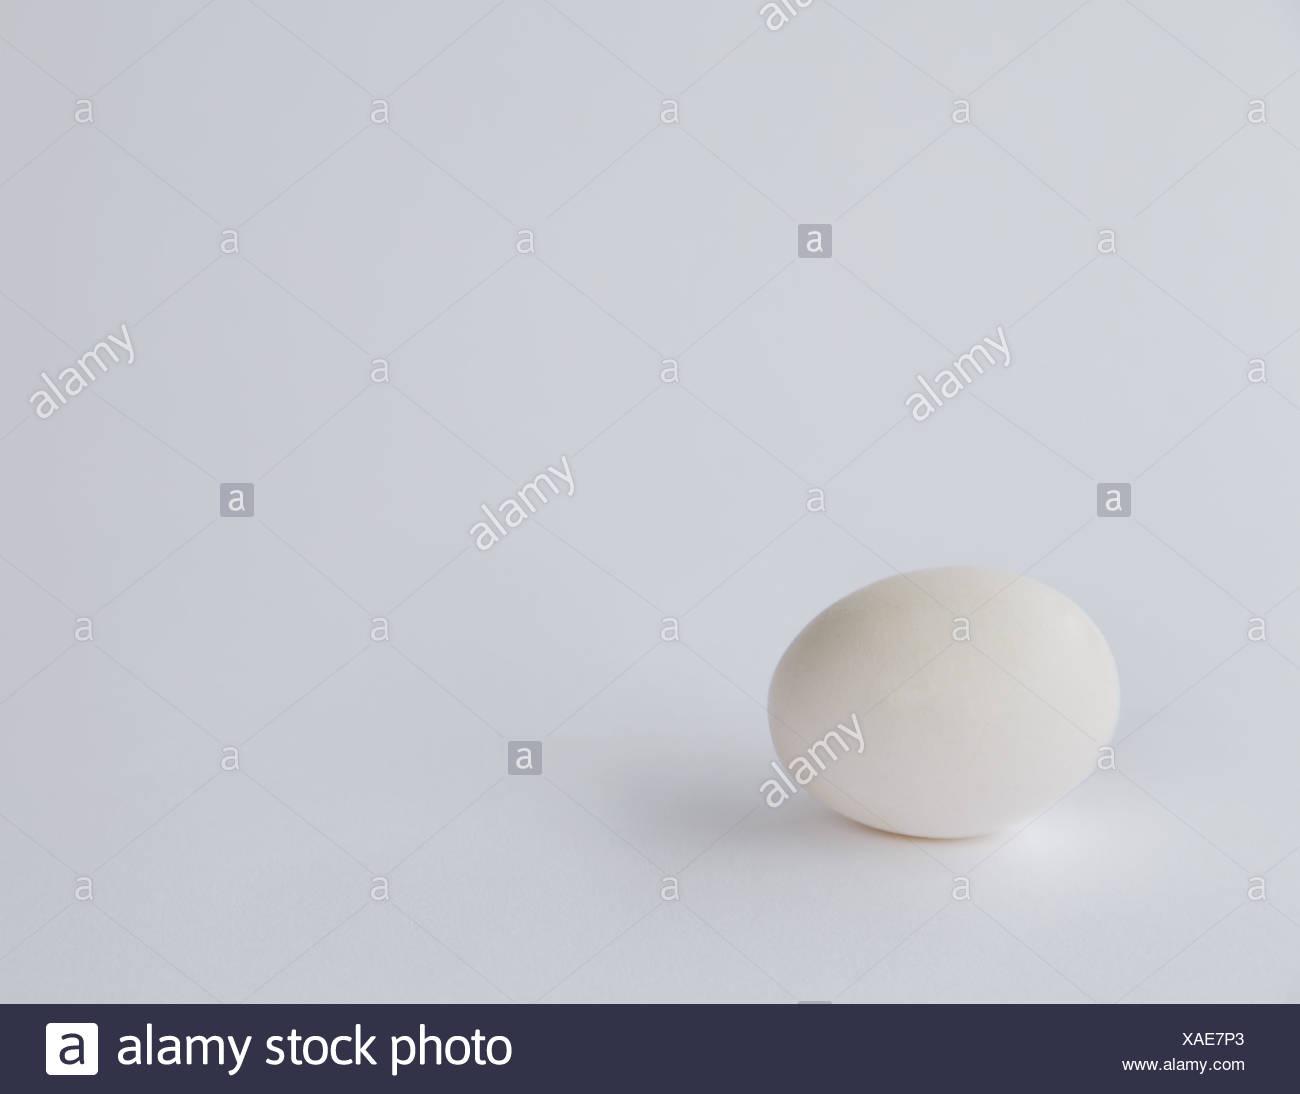 single free range organic egg with white shell - Stock Image